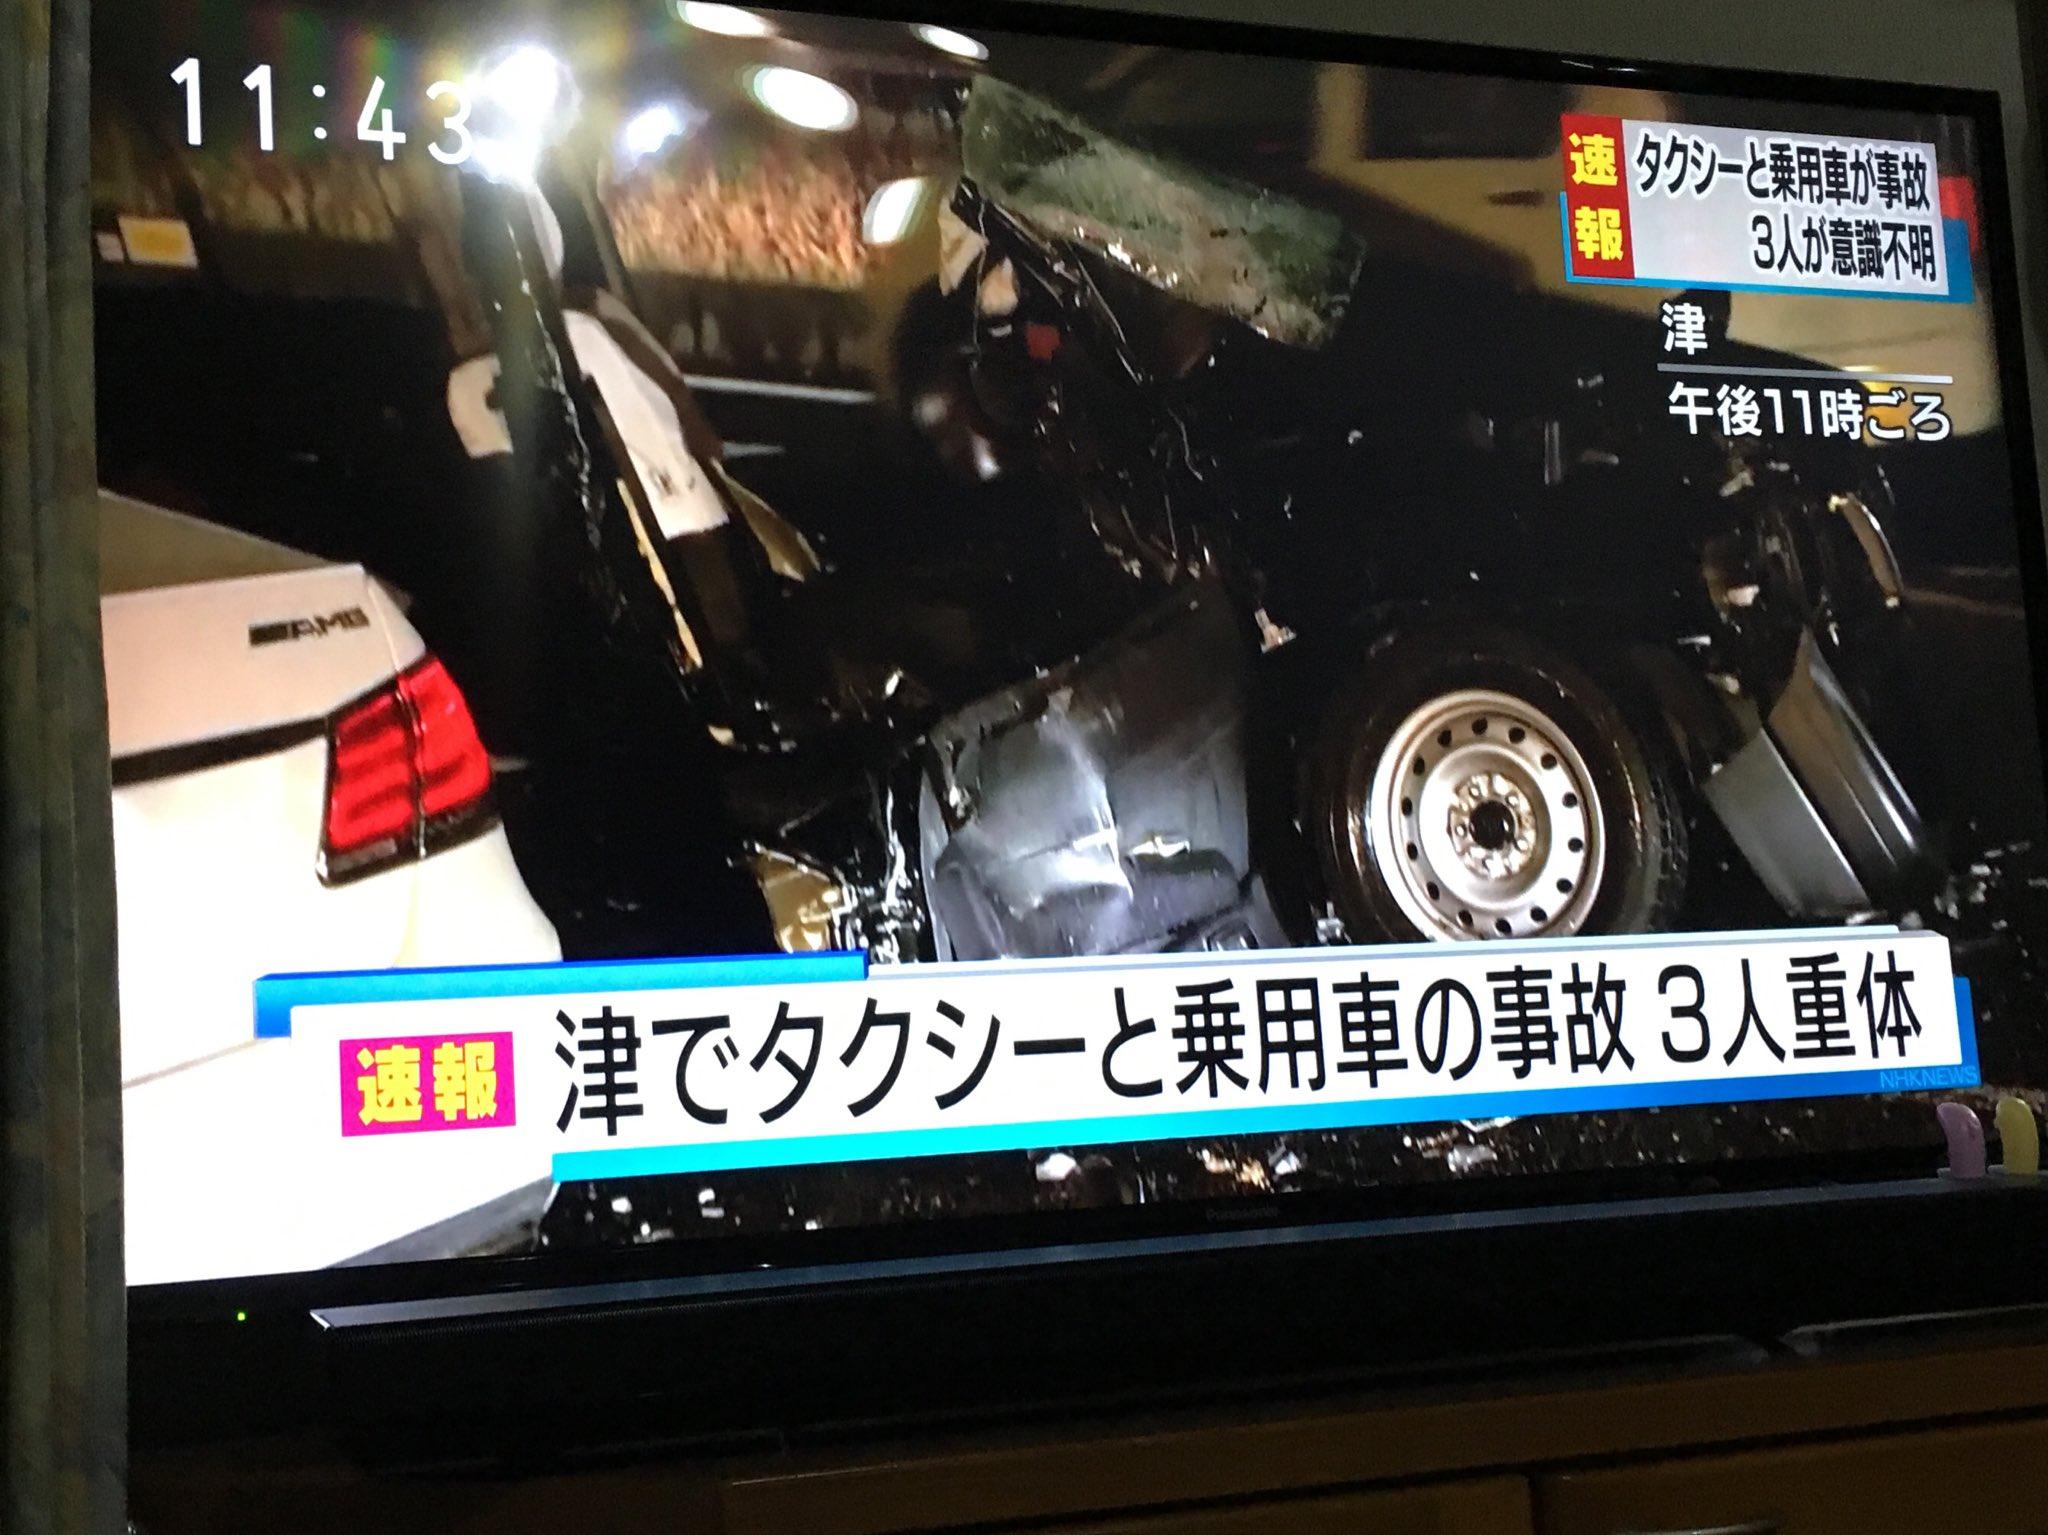 画像,津の事故やばい!ベンツがタクシーに直撃! https://t.co/lnBC5kf6dT。